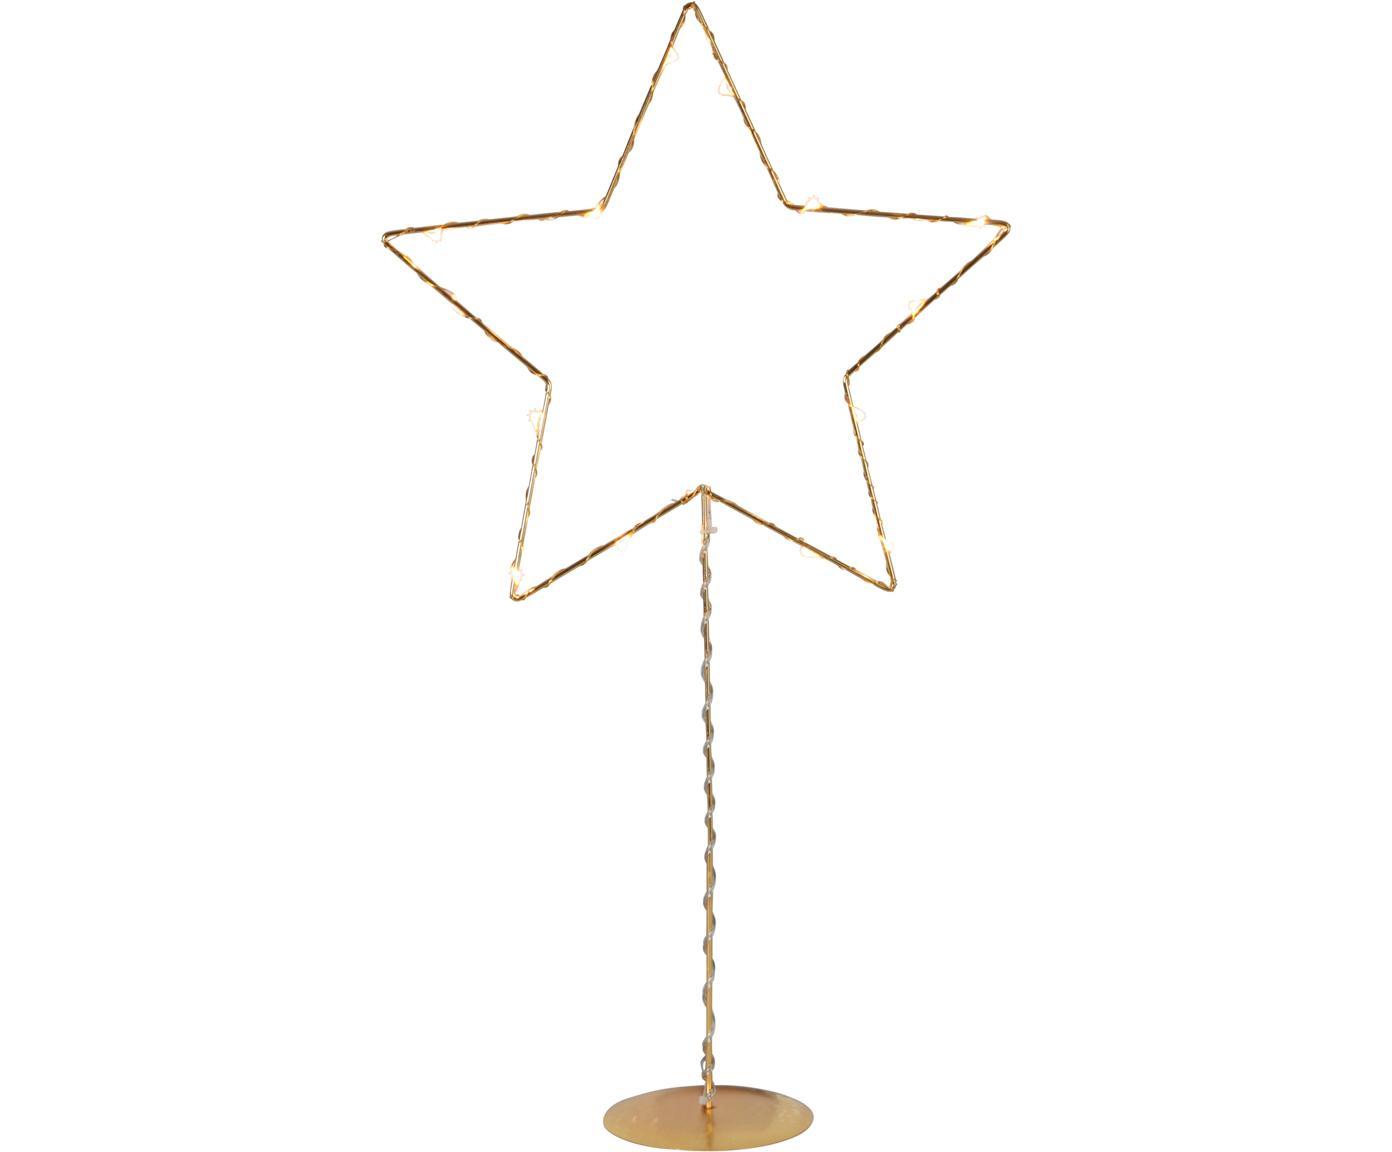 Lámpara decorativa LED a pilas Sparkling, Lámpara: metal, Cable: plástico, Dorado, An 31 x Al 60 cm